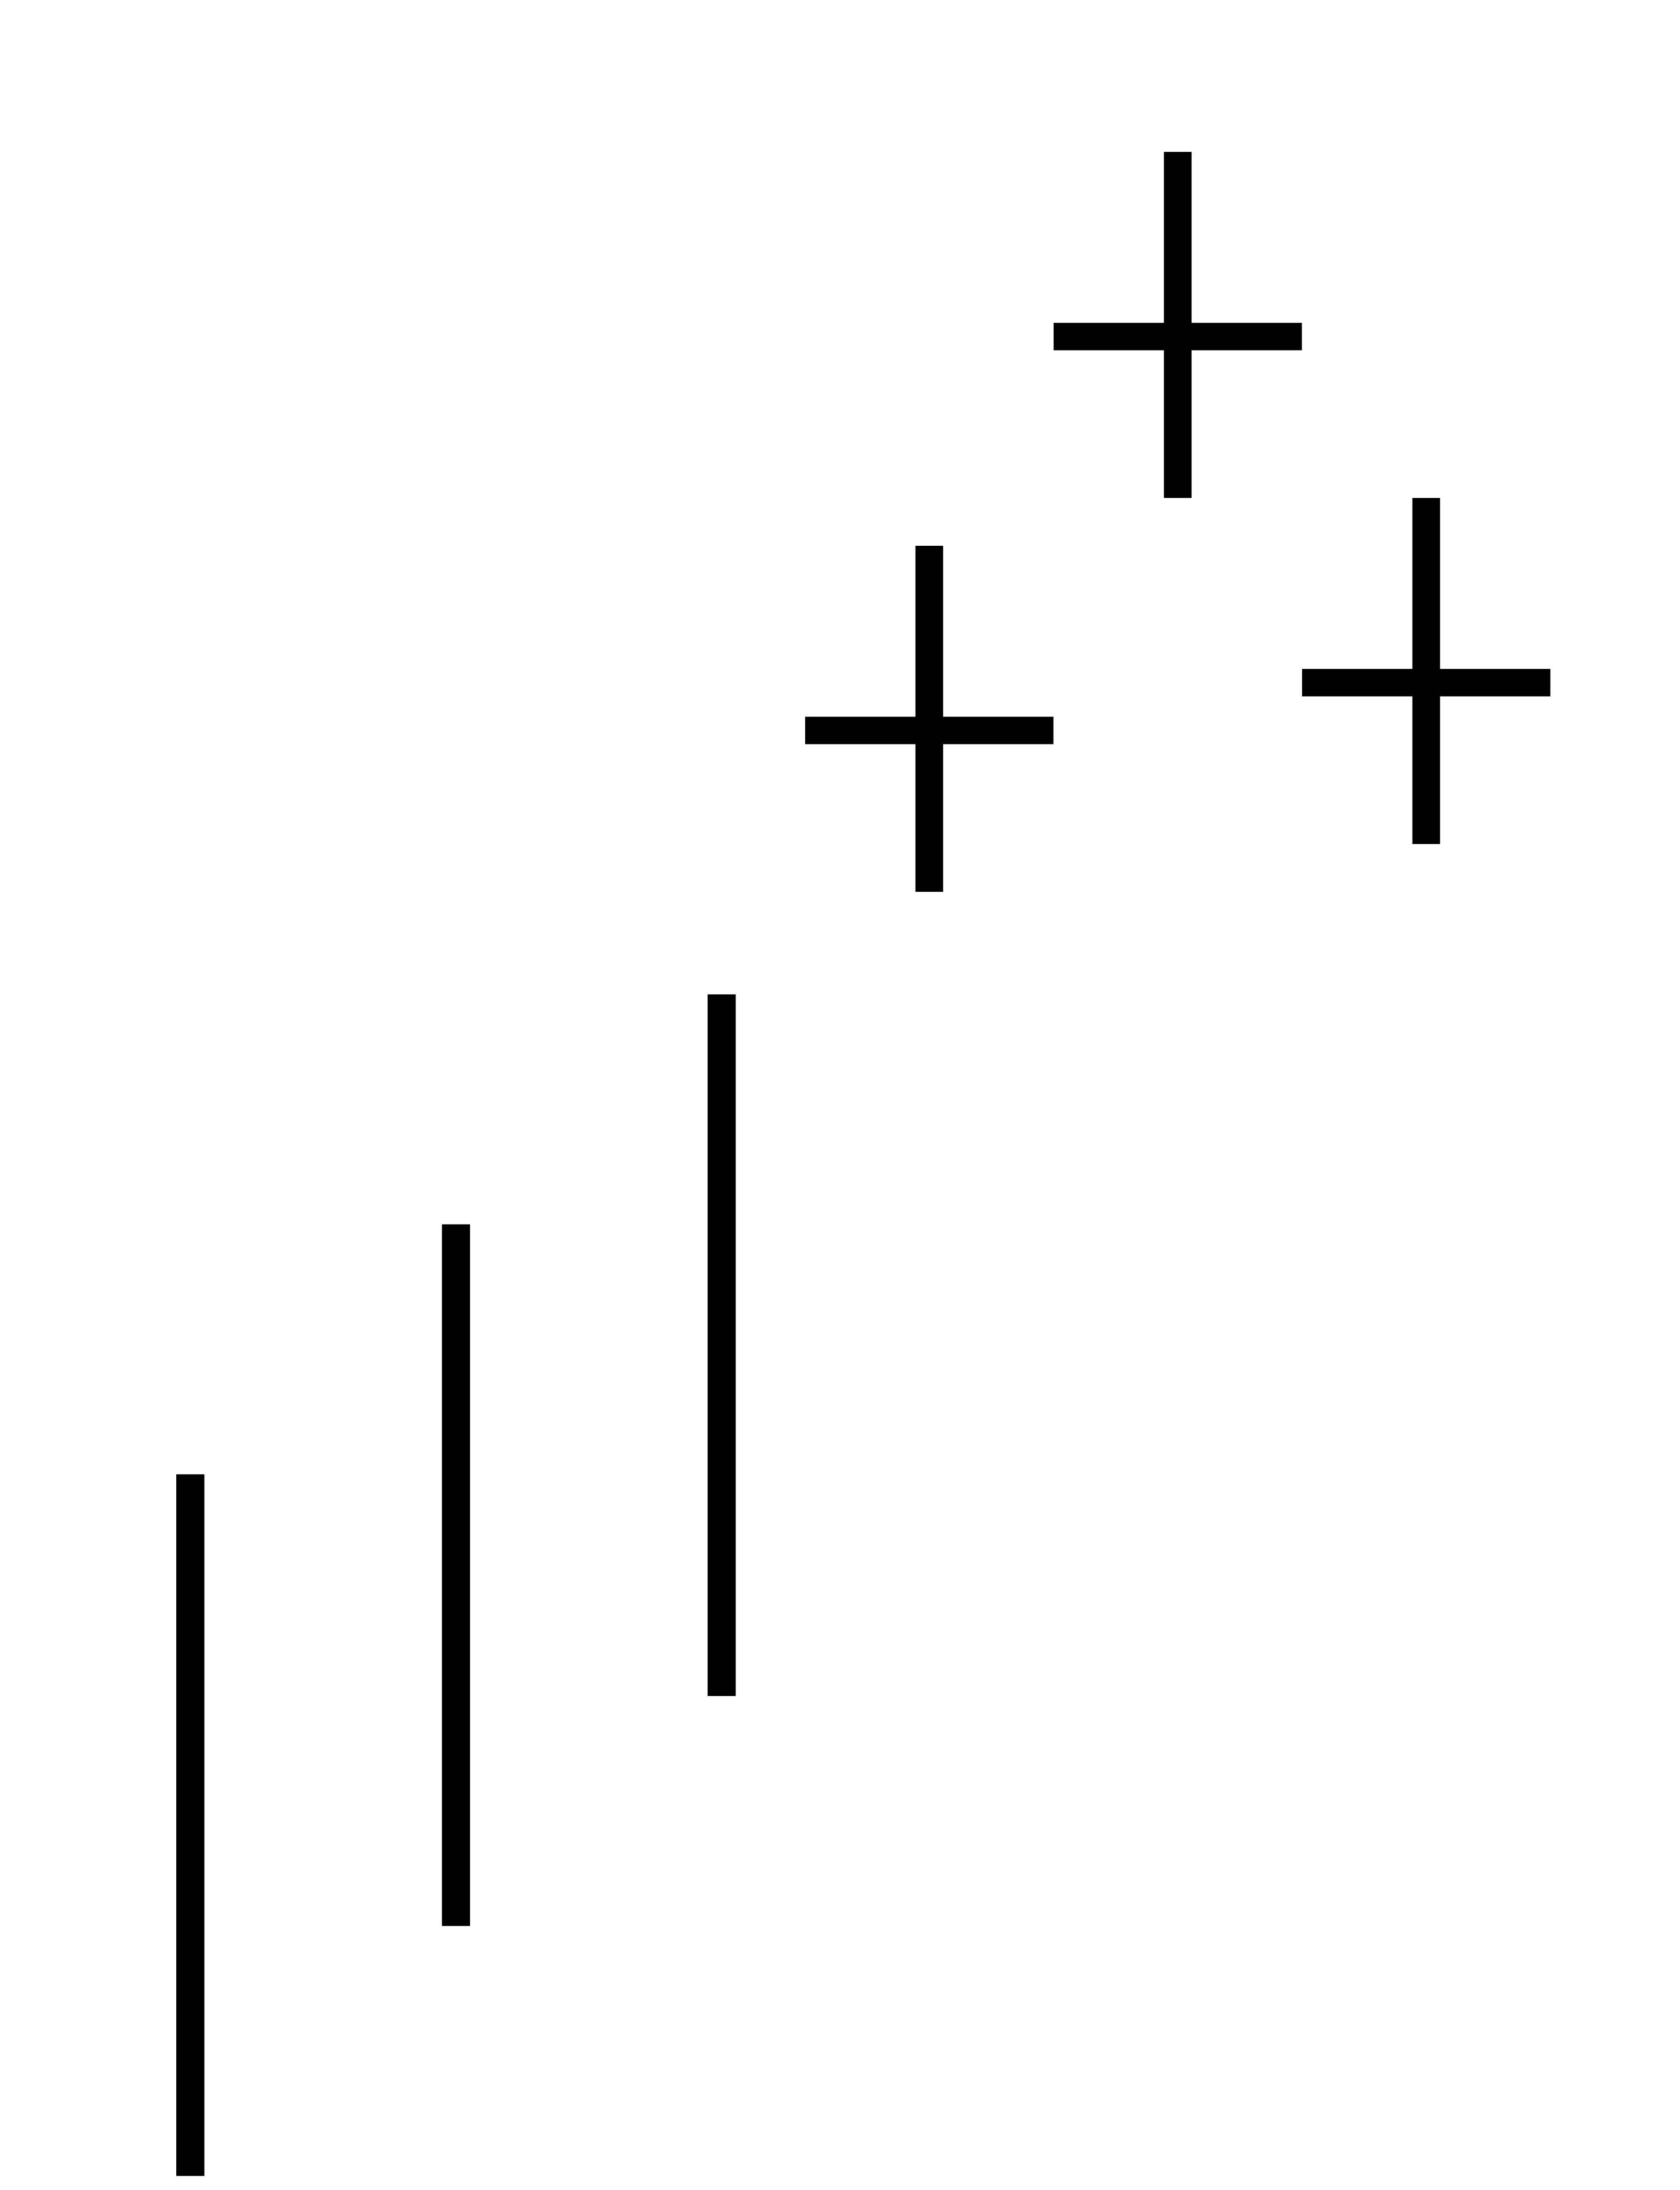 Candlestick Charts: Candlestick pattern bearish tristar.jpg - Wikimedia Commons,Chart